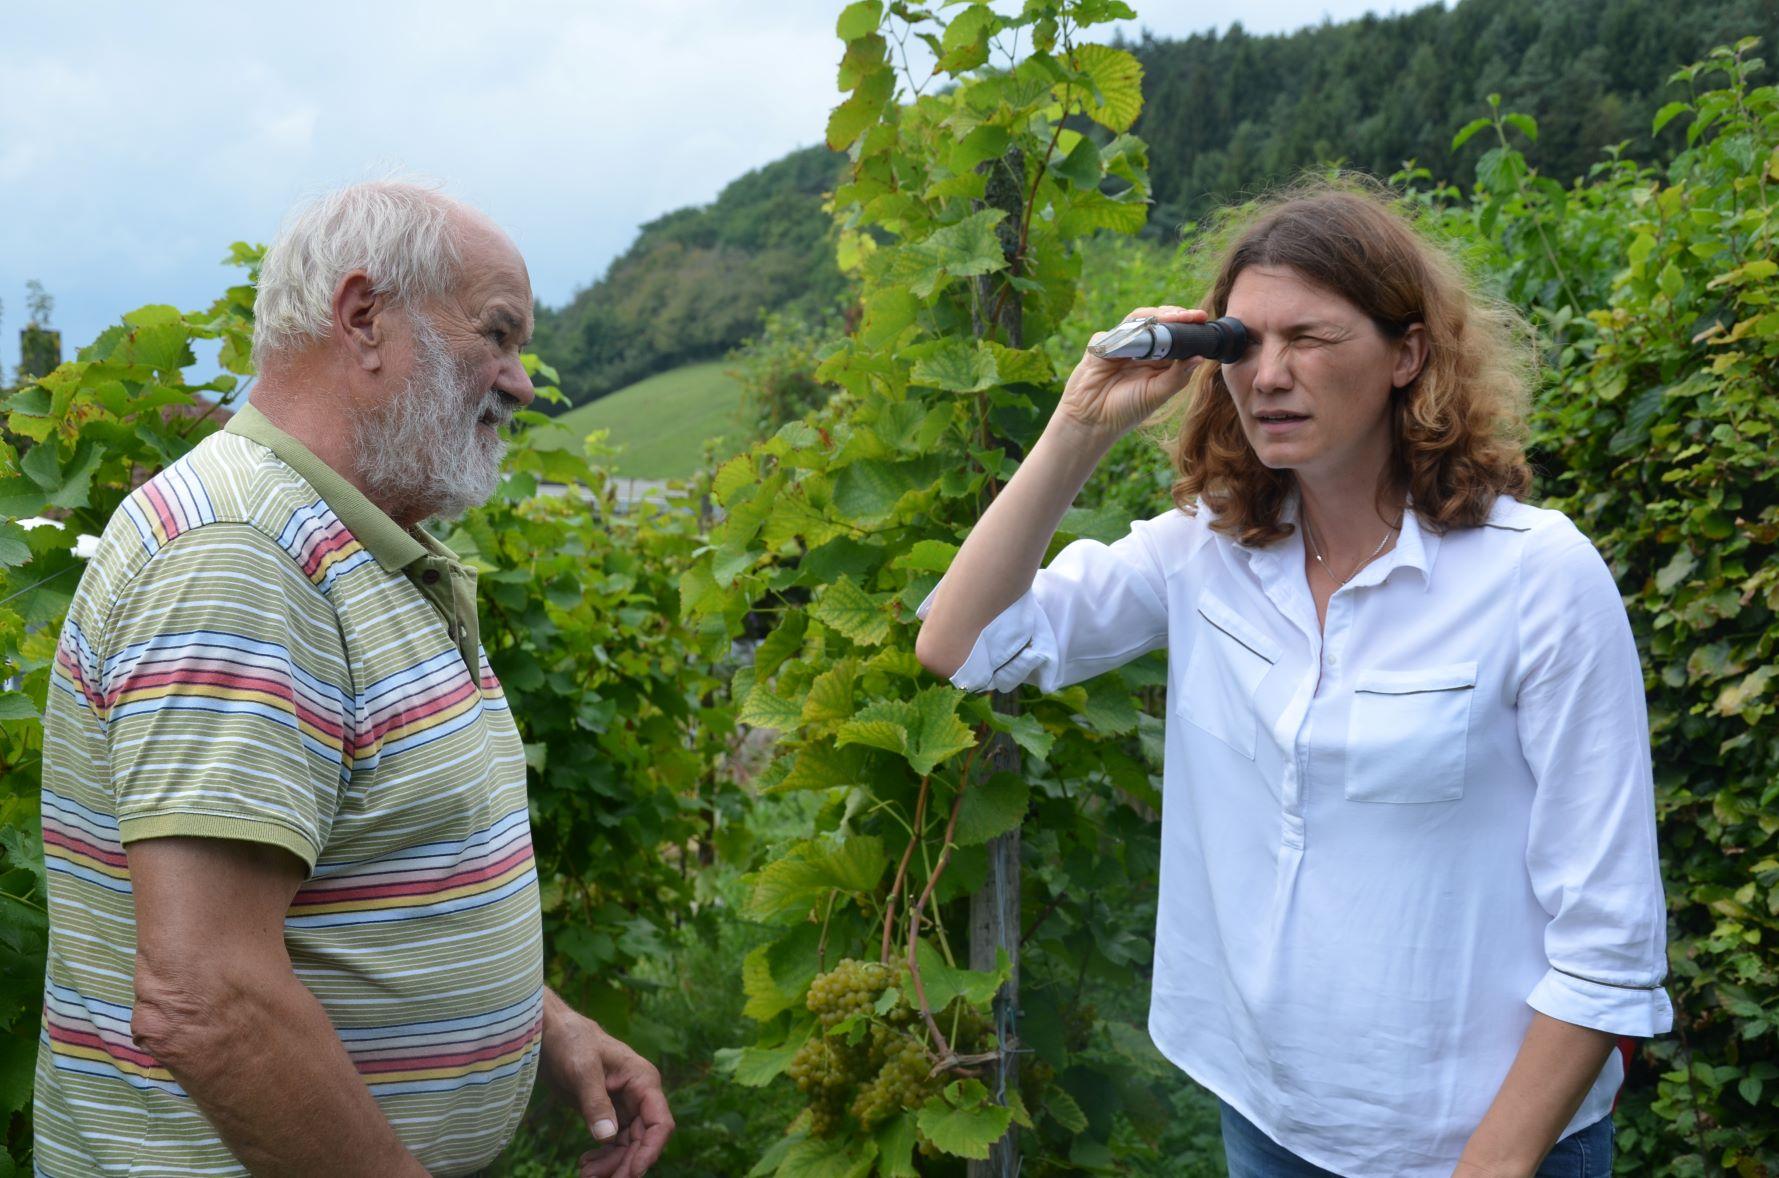 Ein Blick durch das Handrefraktometer: Landrätin Tanja Schweiger liest unter Anleitung von Weinbauer Franz Luttner die Öchsle-Werte ab. Der heurige Wein könnte gut werden.